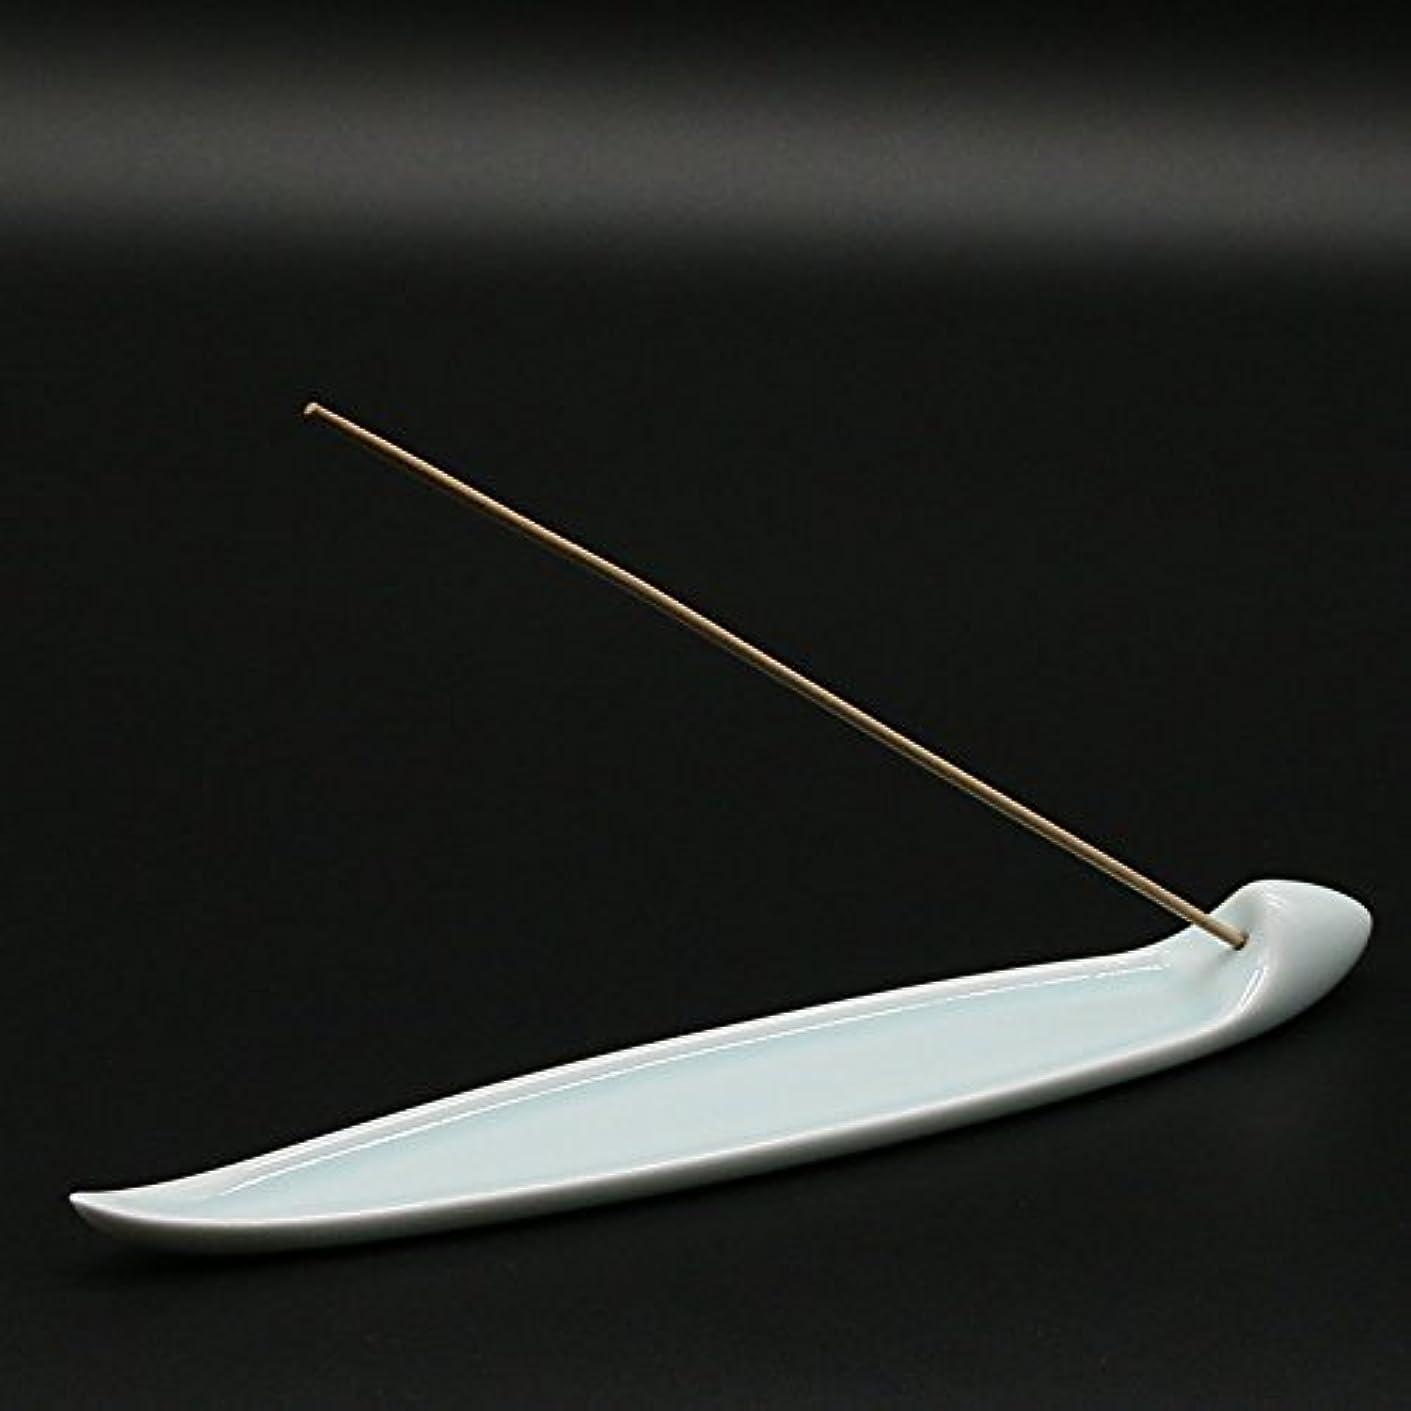 効能ある飛ぶセッティングsynpie Stick Incense Burner holder-ru Klin 1.5 MM 2 MM 2.5 MM竹Stcik / Stick Incense Holder Incense Holder Incense...